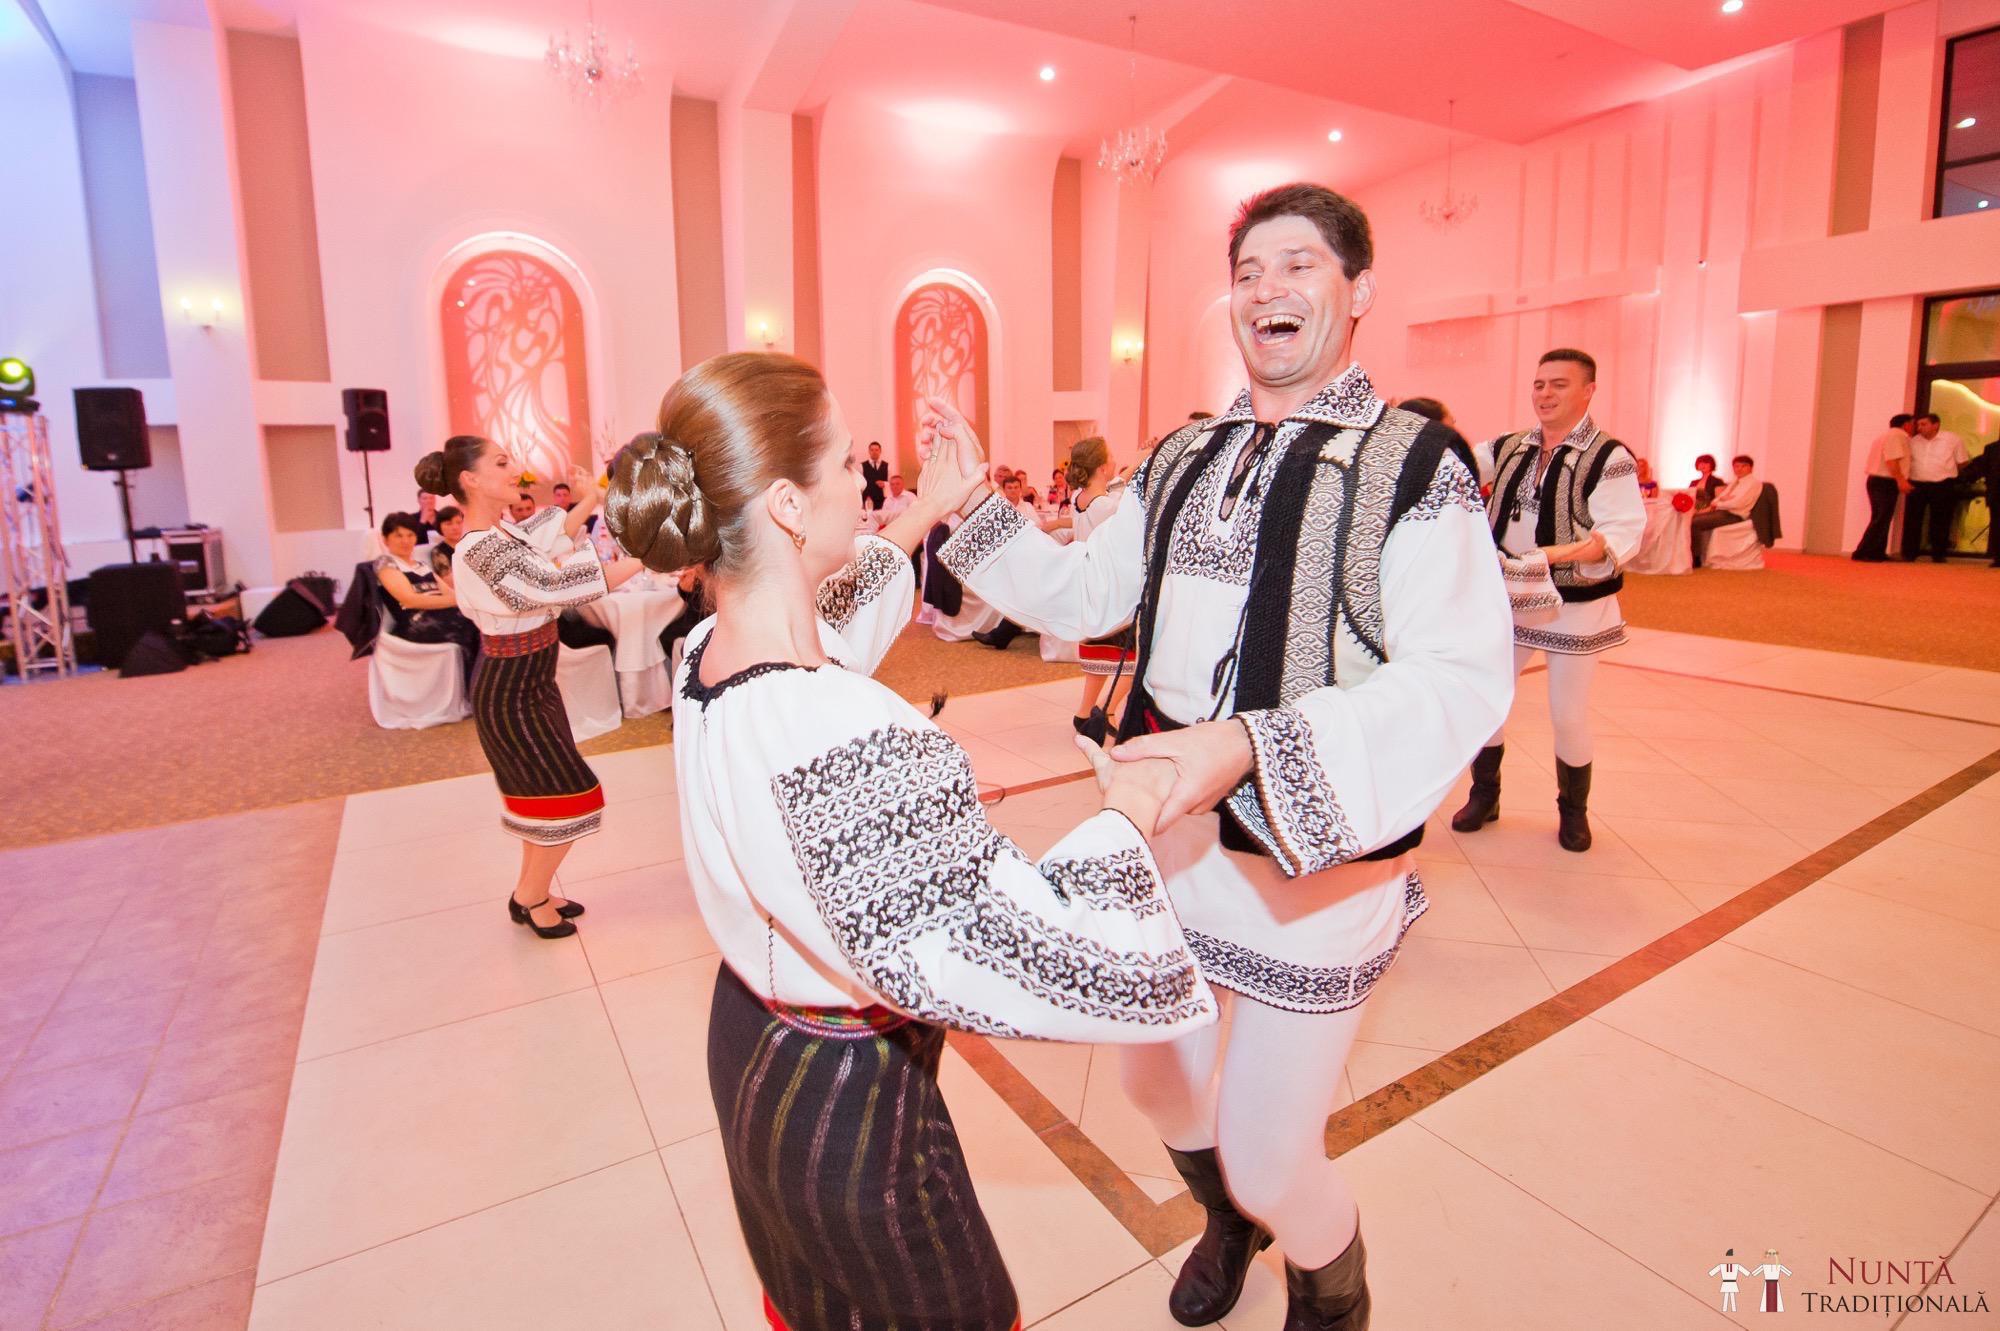 Povești Nunți Tradiționale - Gabriela și Mădălin - Nuntă Tradițională în Suceava, Bucovina 44